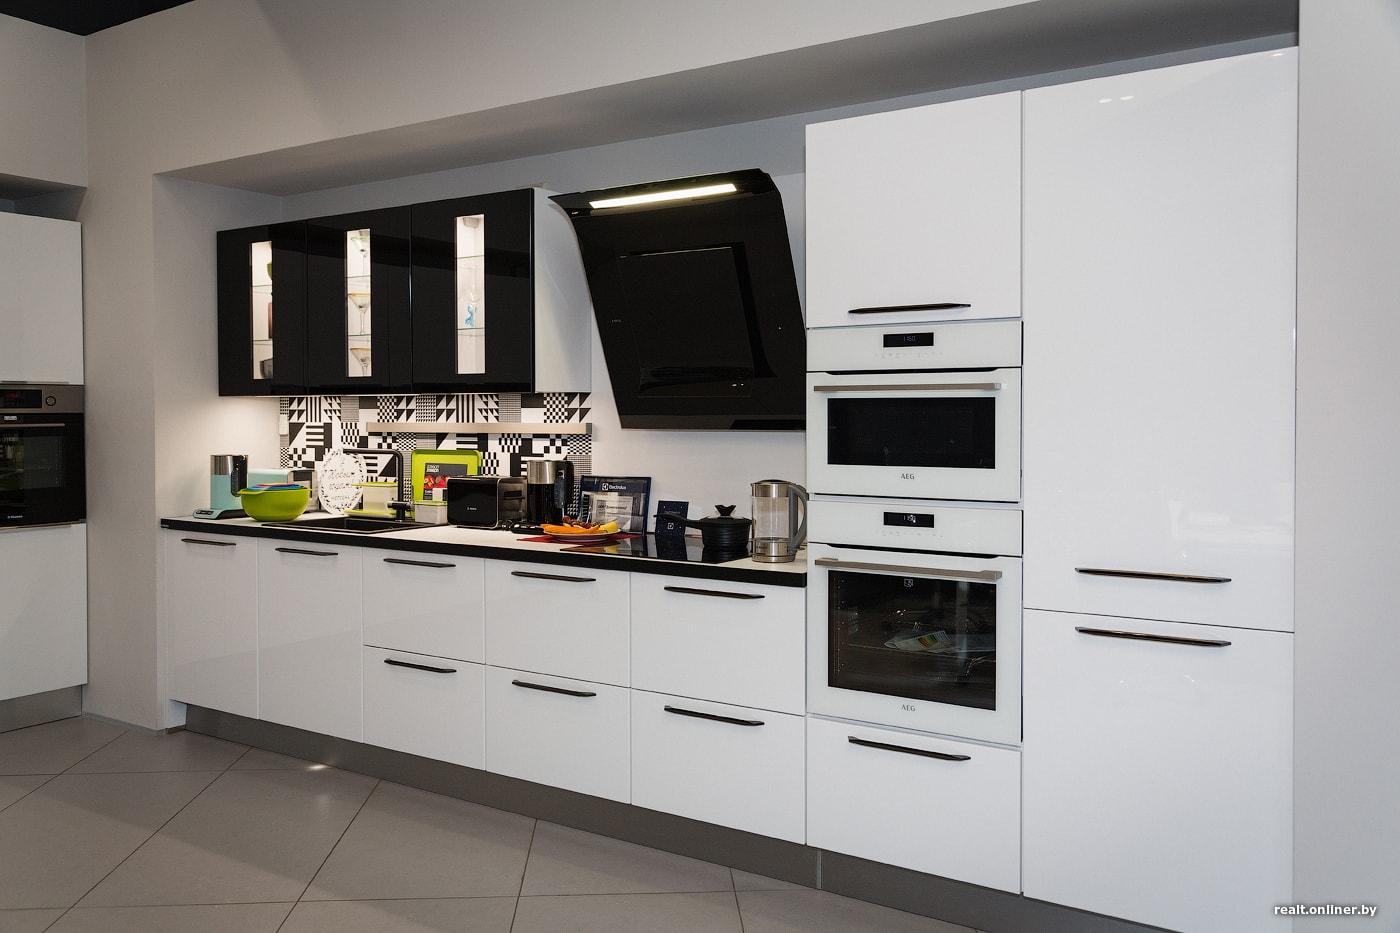 Ідеальна витяжка для кухні: основні критерії вибору 3